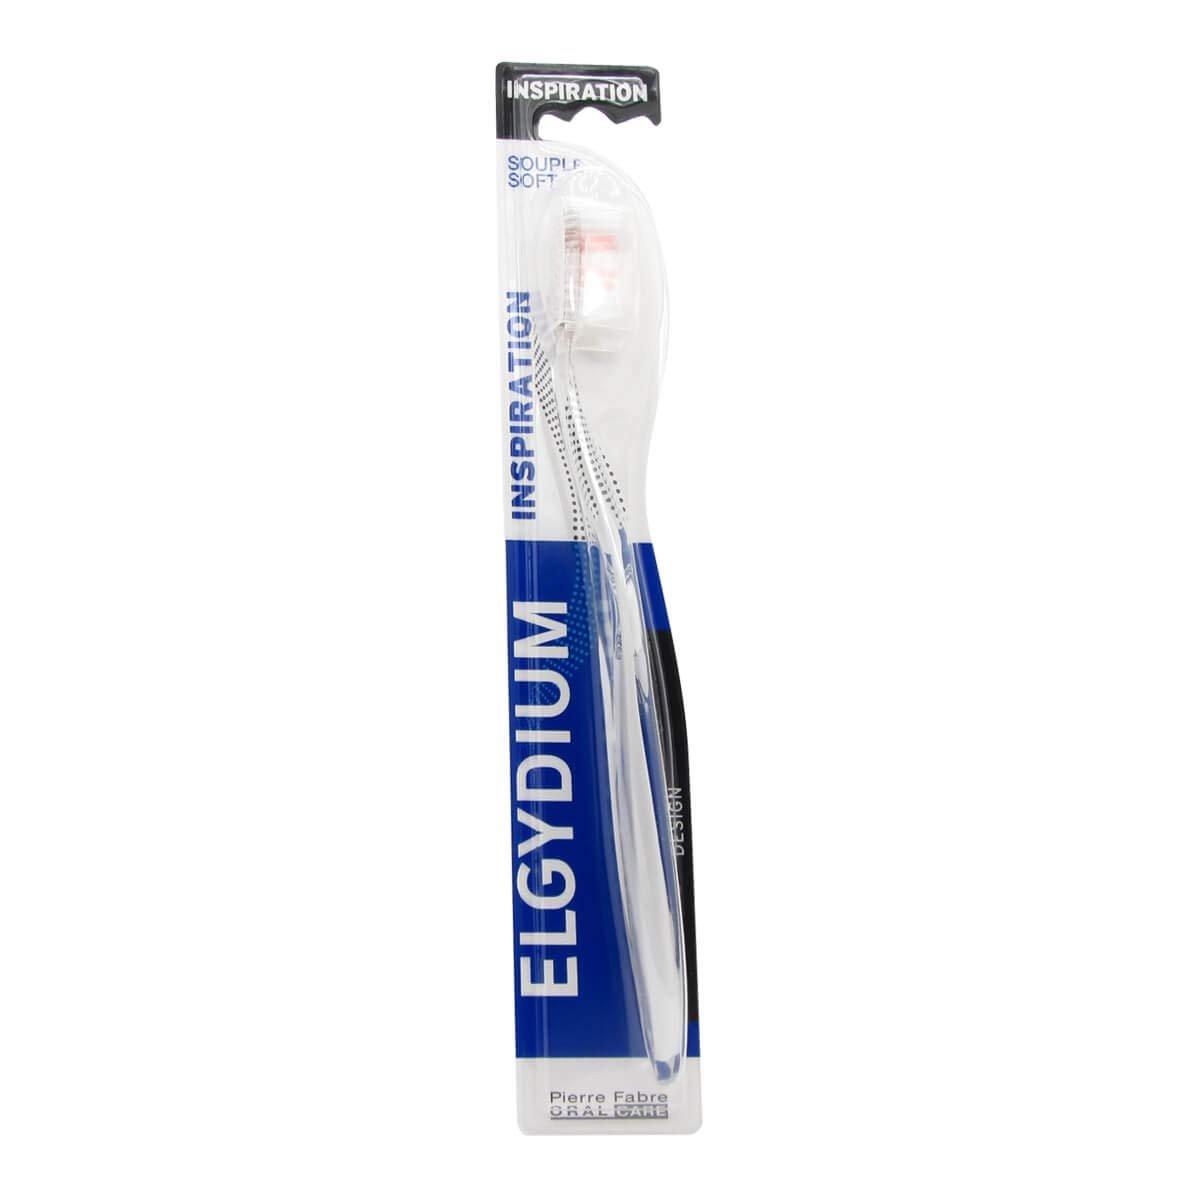 Elgydium Inspiration Soft Χειροκίνητη Μαλακή Οδοντόβουρτσα για Άνετο Καθαρισμό & στα πιο Δύσκολα Σημεία 1 Τεμάχιο – μαύρο